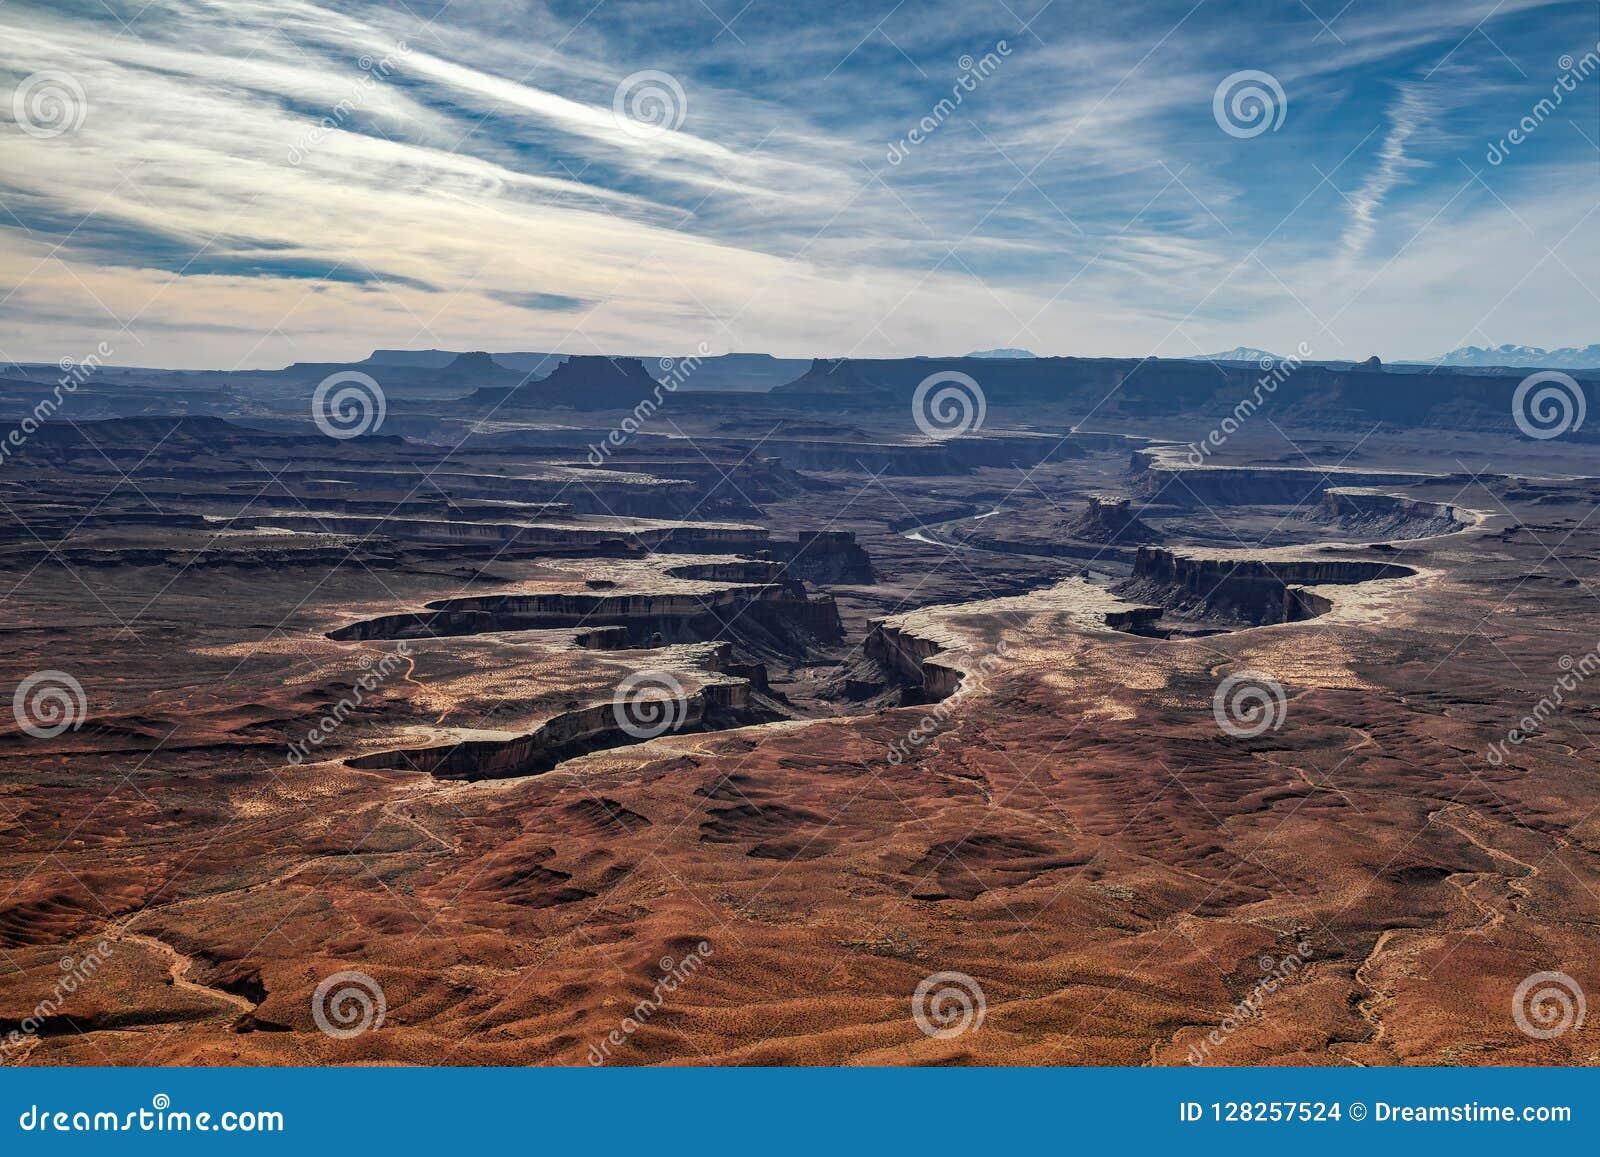 Green River förbiser - Canyonlands